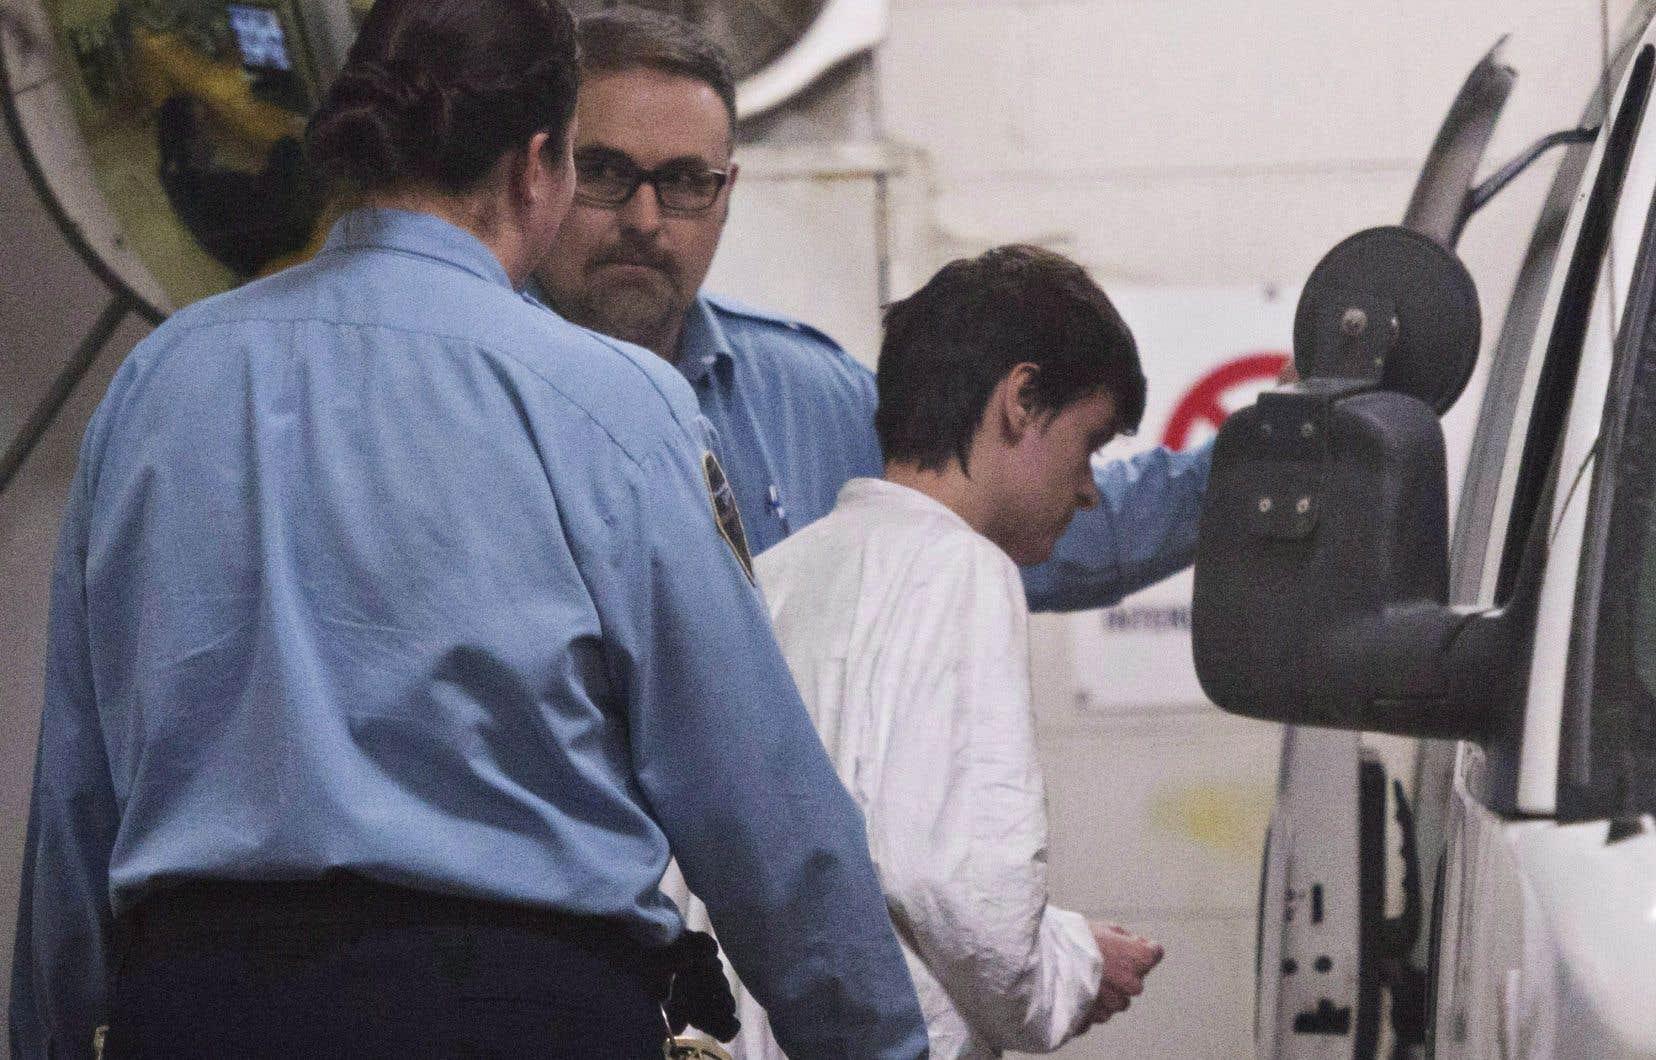 En janvier 2017, Alexandre Bissonnette a ouvert le feu sur une dizaine de fidèles de la grande mosquée de Québec, tuant six personnes.